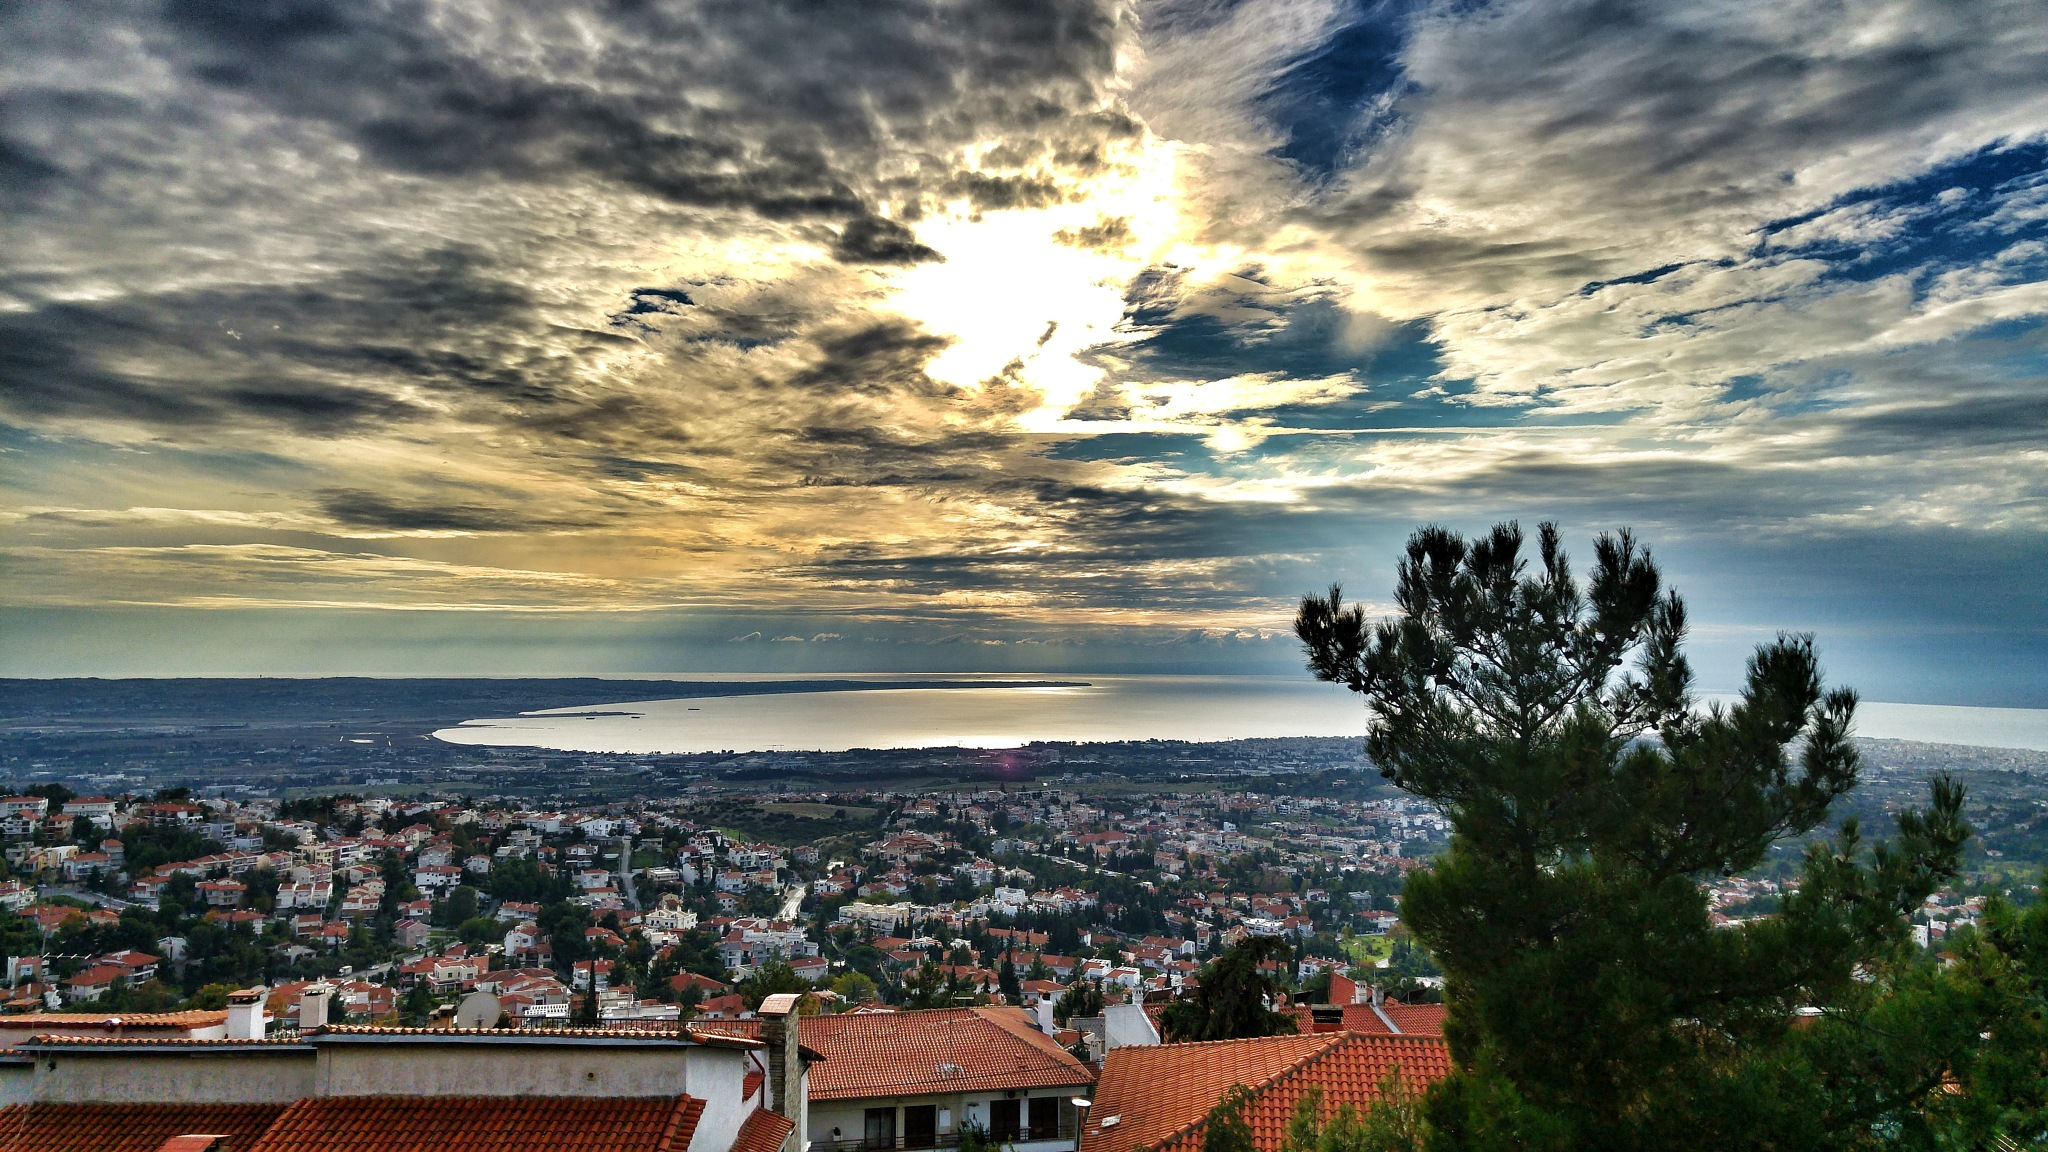 panorama by Kiriakos Panagi